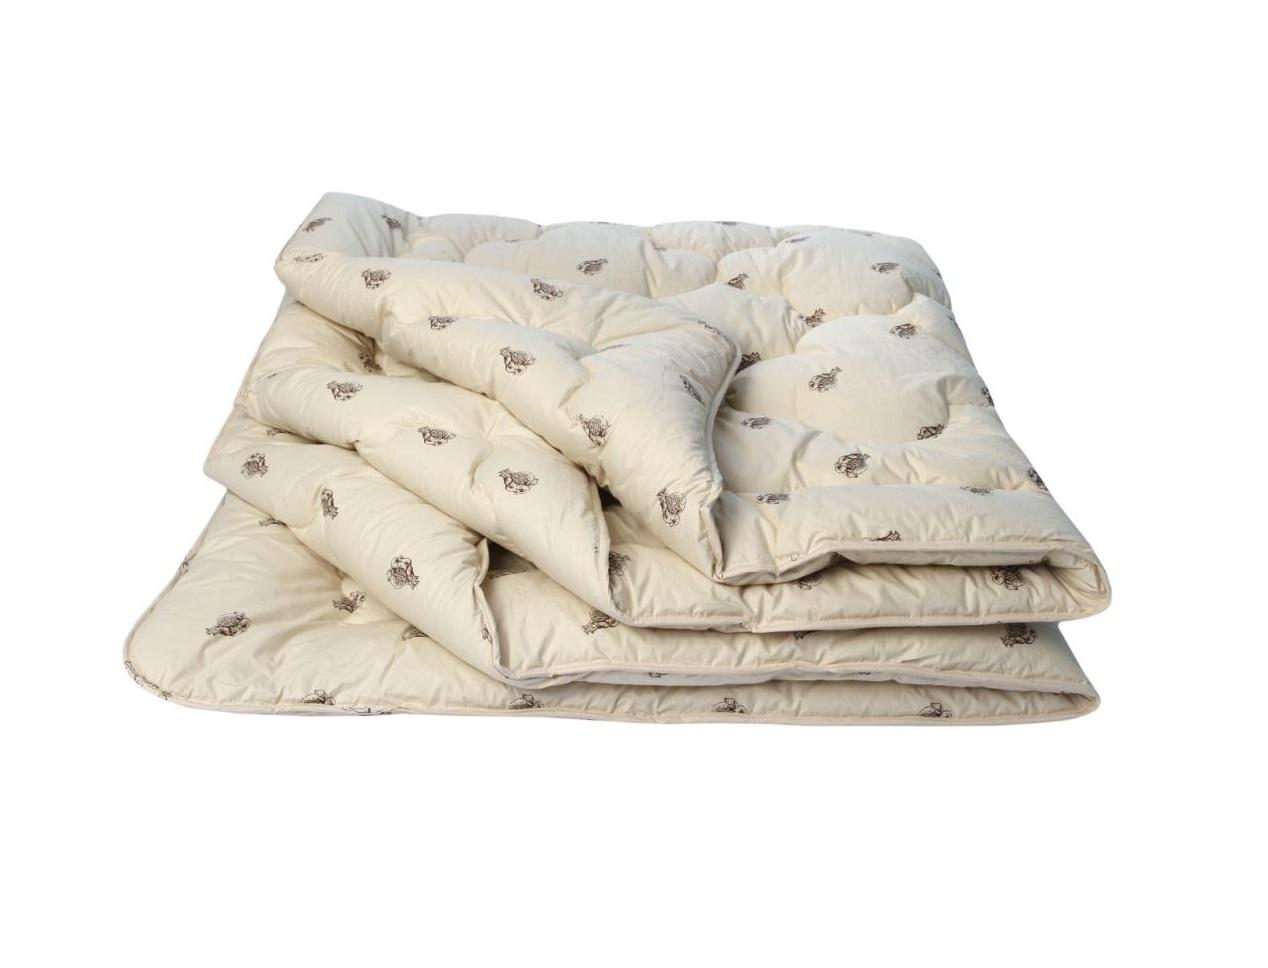 Одеяло Верблюжья шерсть Оригинал облегченное, размер 2,0 спальное (172х205 см)Одеяла<br>Длина:205 см<br>Ширина:172 см<br>Чехол:Стеганое, с окаймляющей лентой<br>Плотность наполнителя:150 г/кв. м<br><br>Тип: Одеяло<br>Размер: 172х205<br>Материал: Верблюжья шерсть